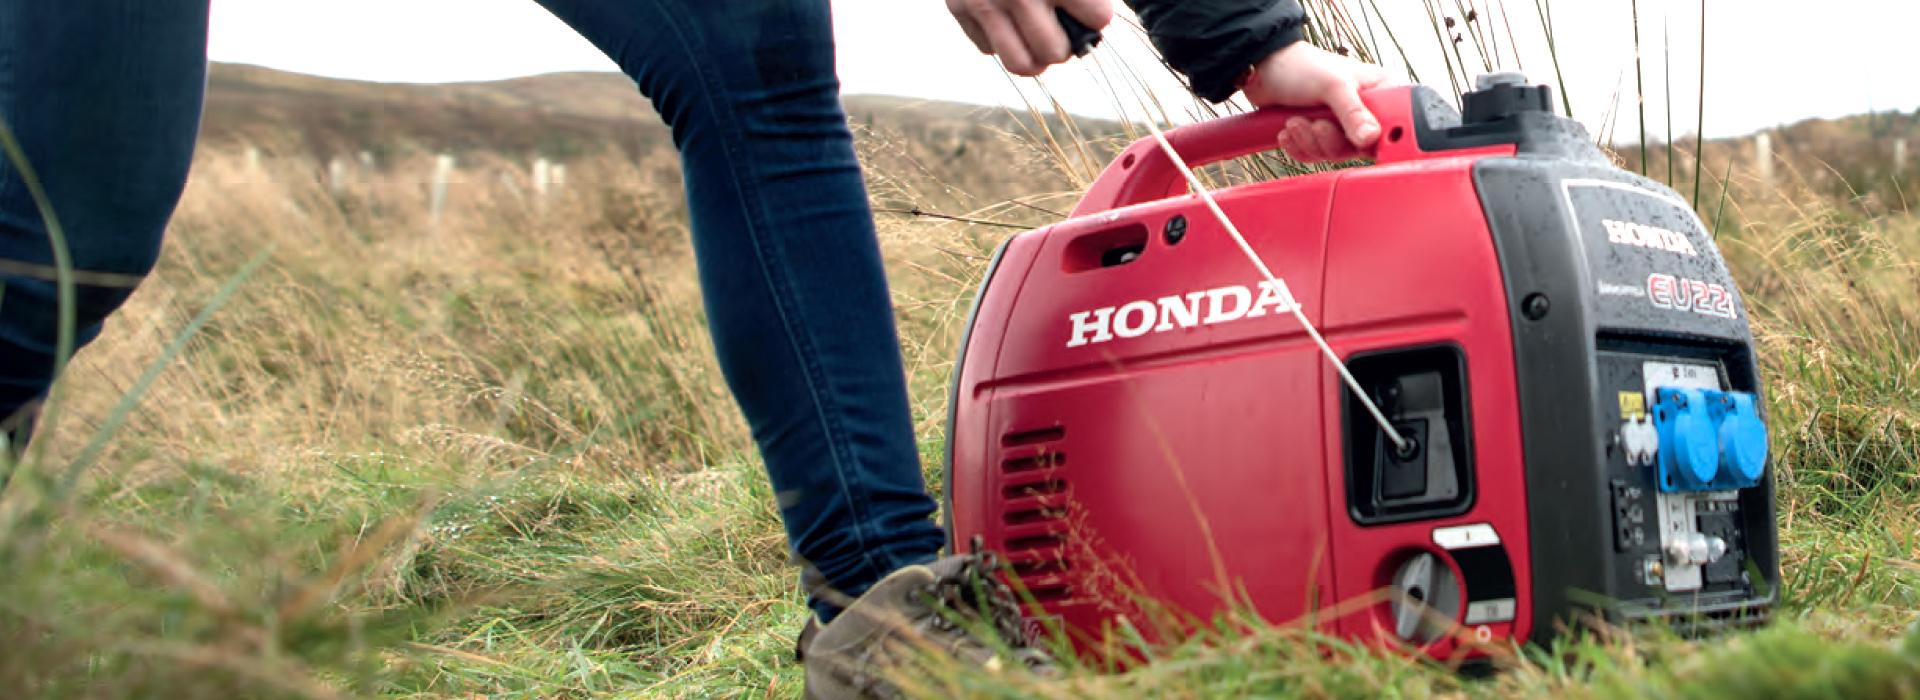 Generadores de Honda